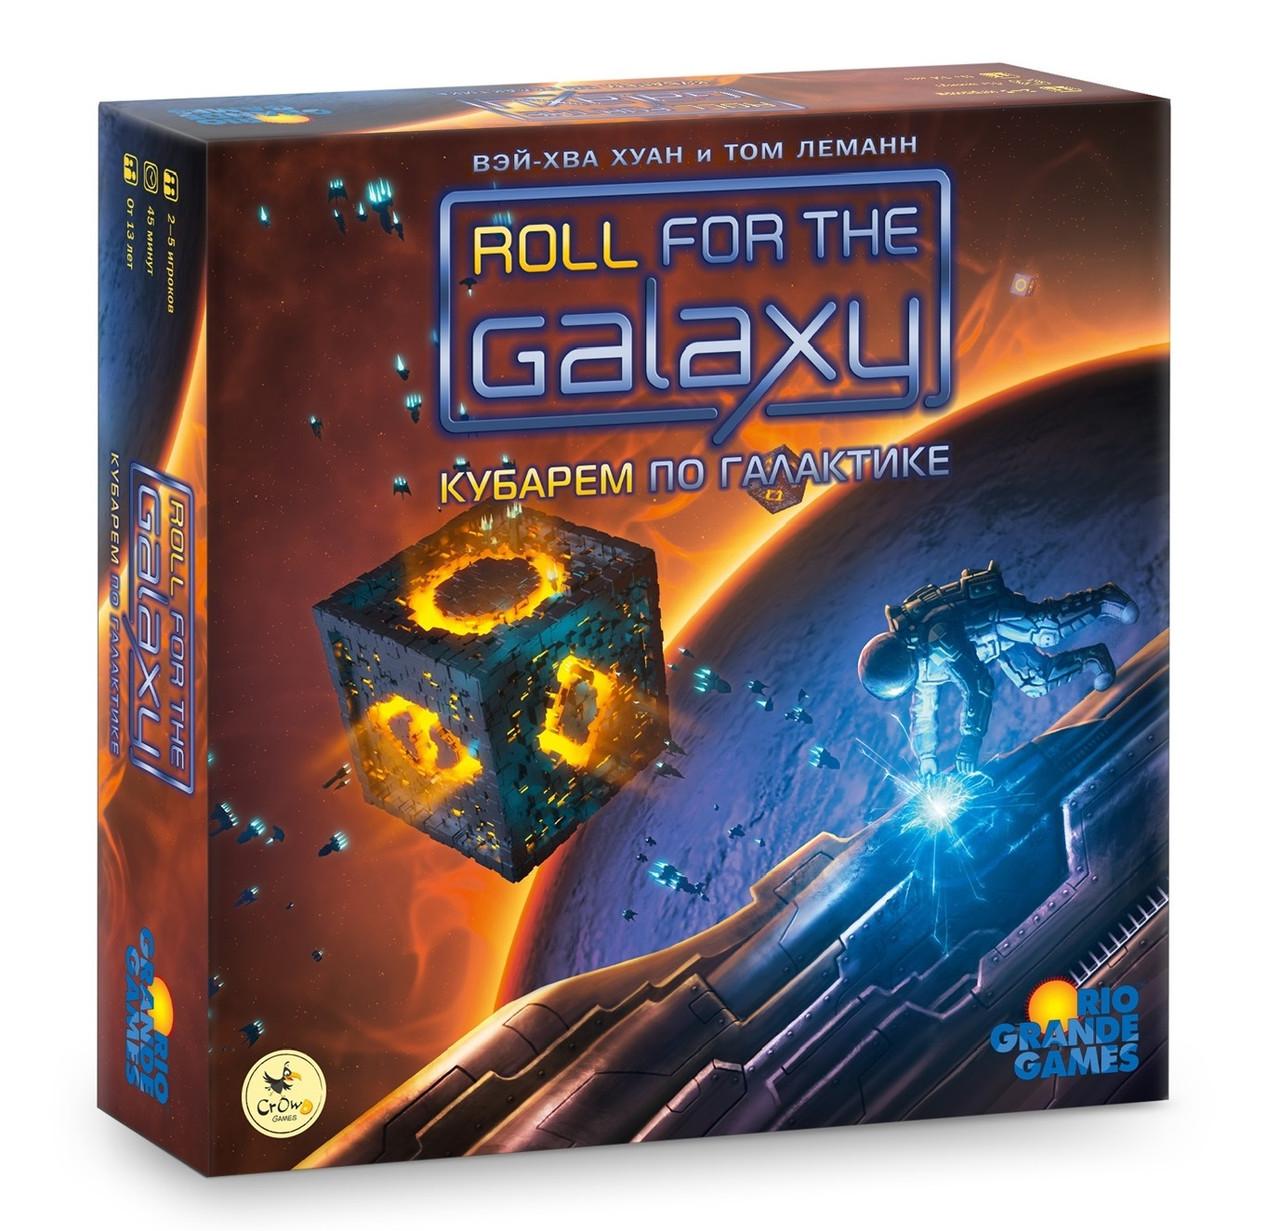 Настольная игра Crowd Games Кубарем по галактике (Roll for the Galaxy) (4627119440129)